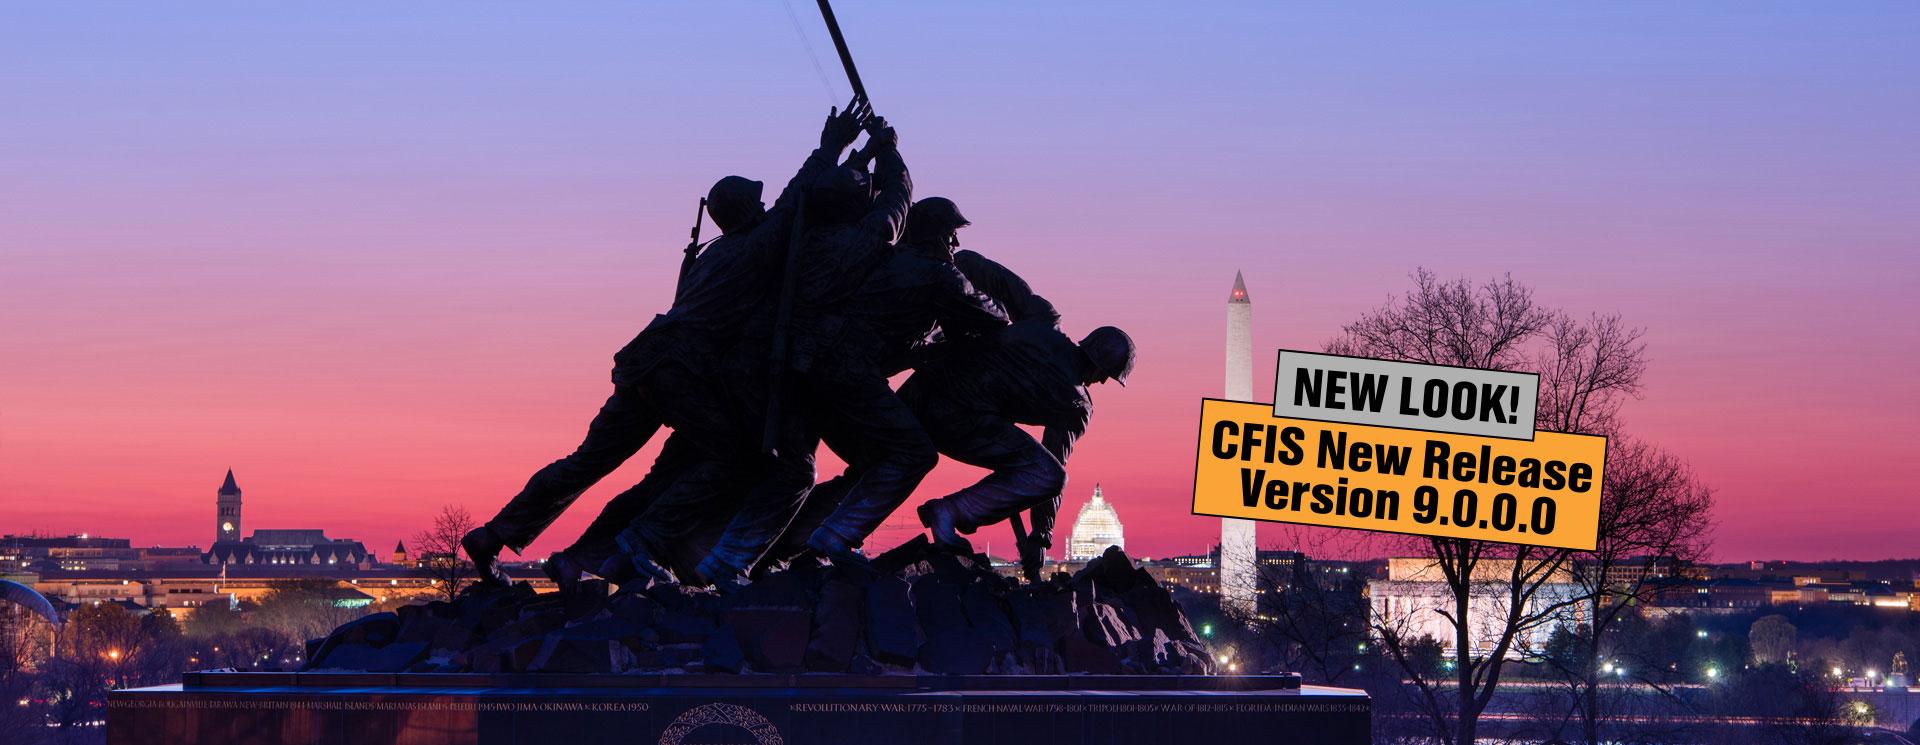 V9-Marines-DC_slides-4